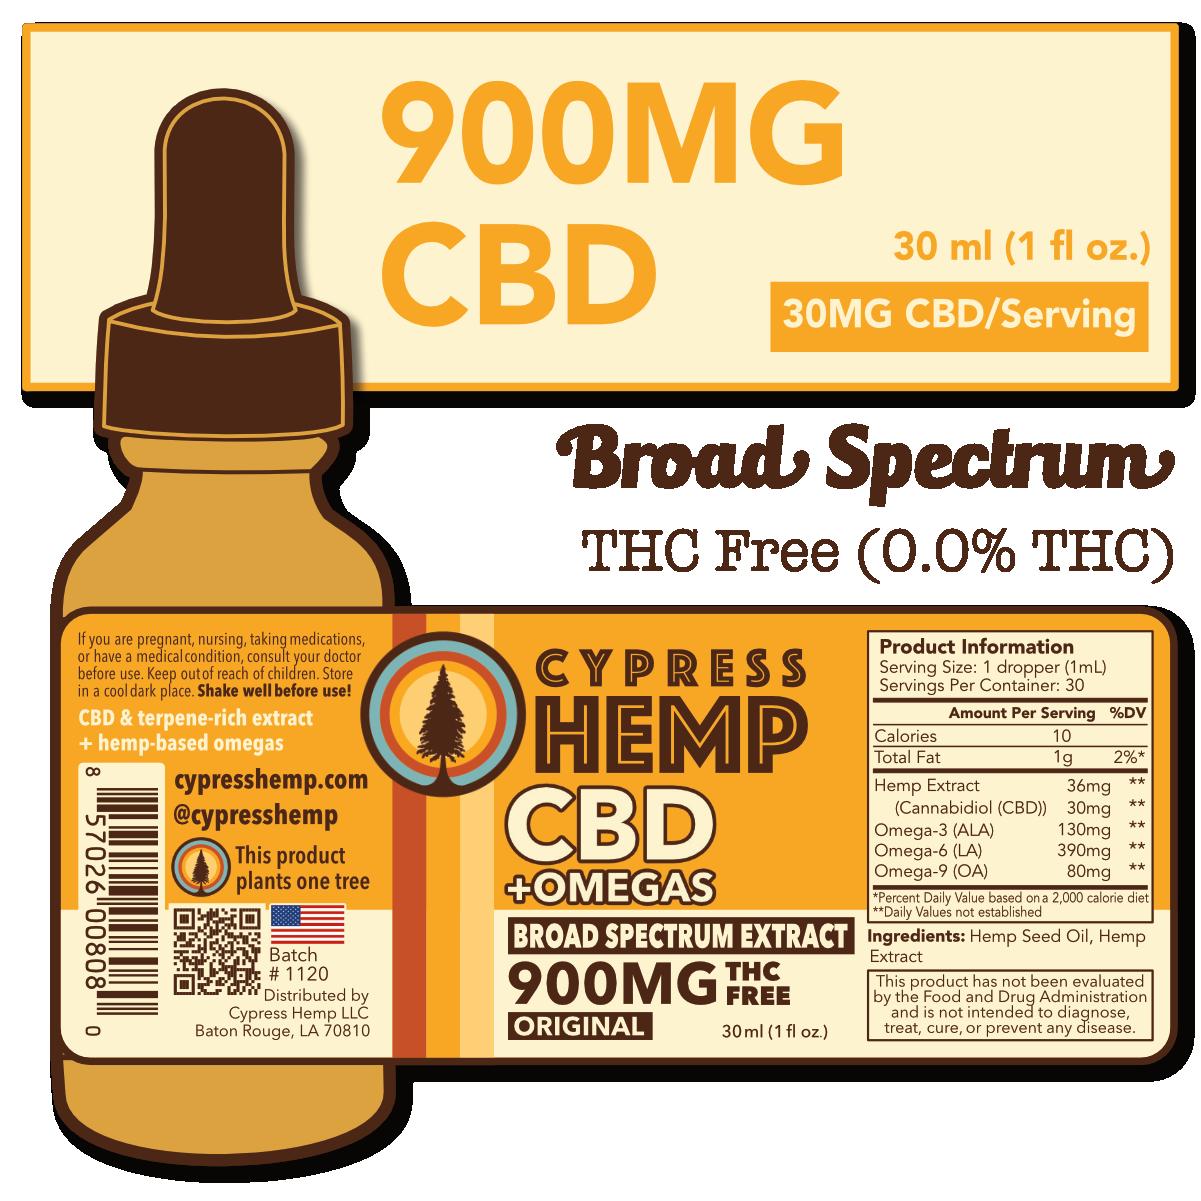 Cypress Hemp Broad Spectrum 900mg CBD Drops